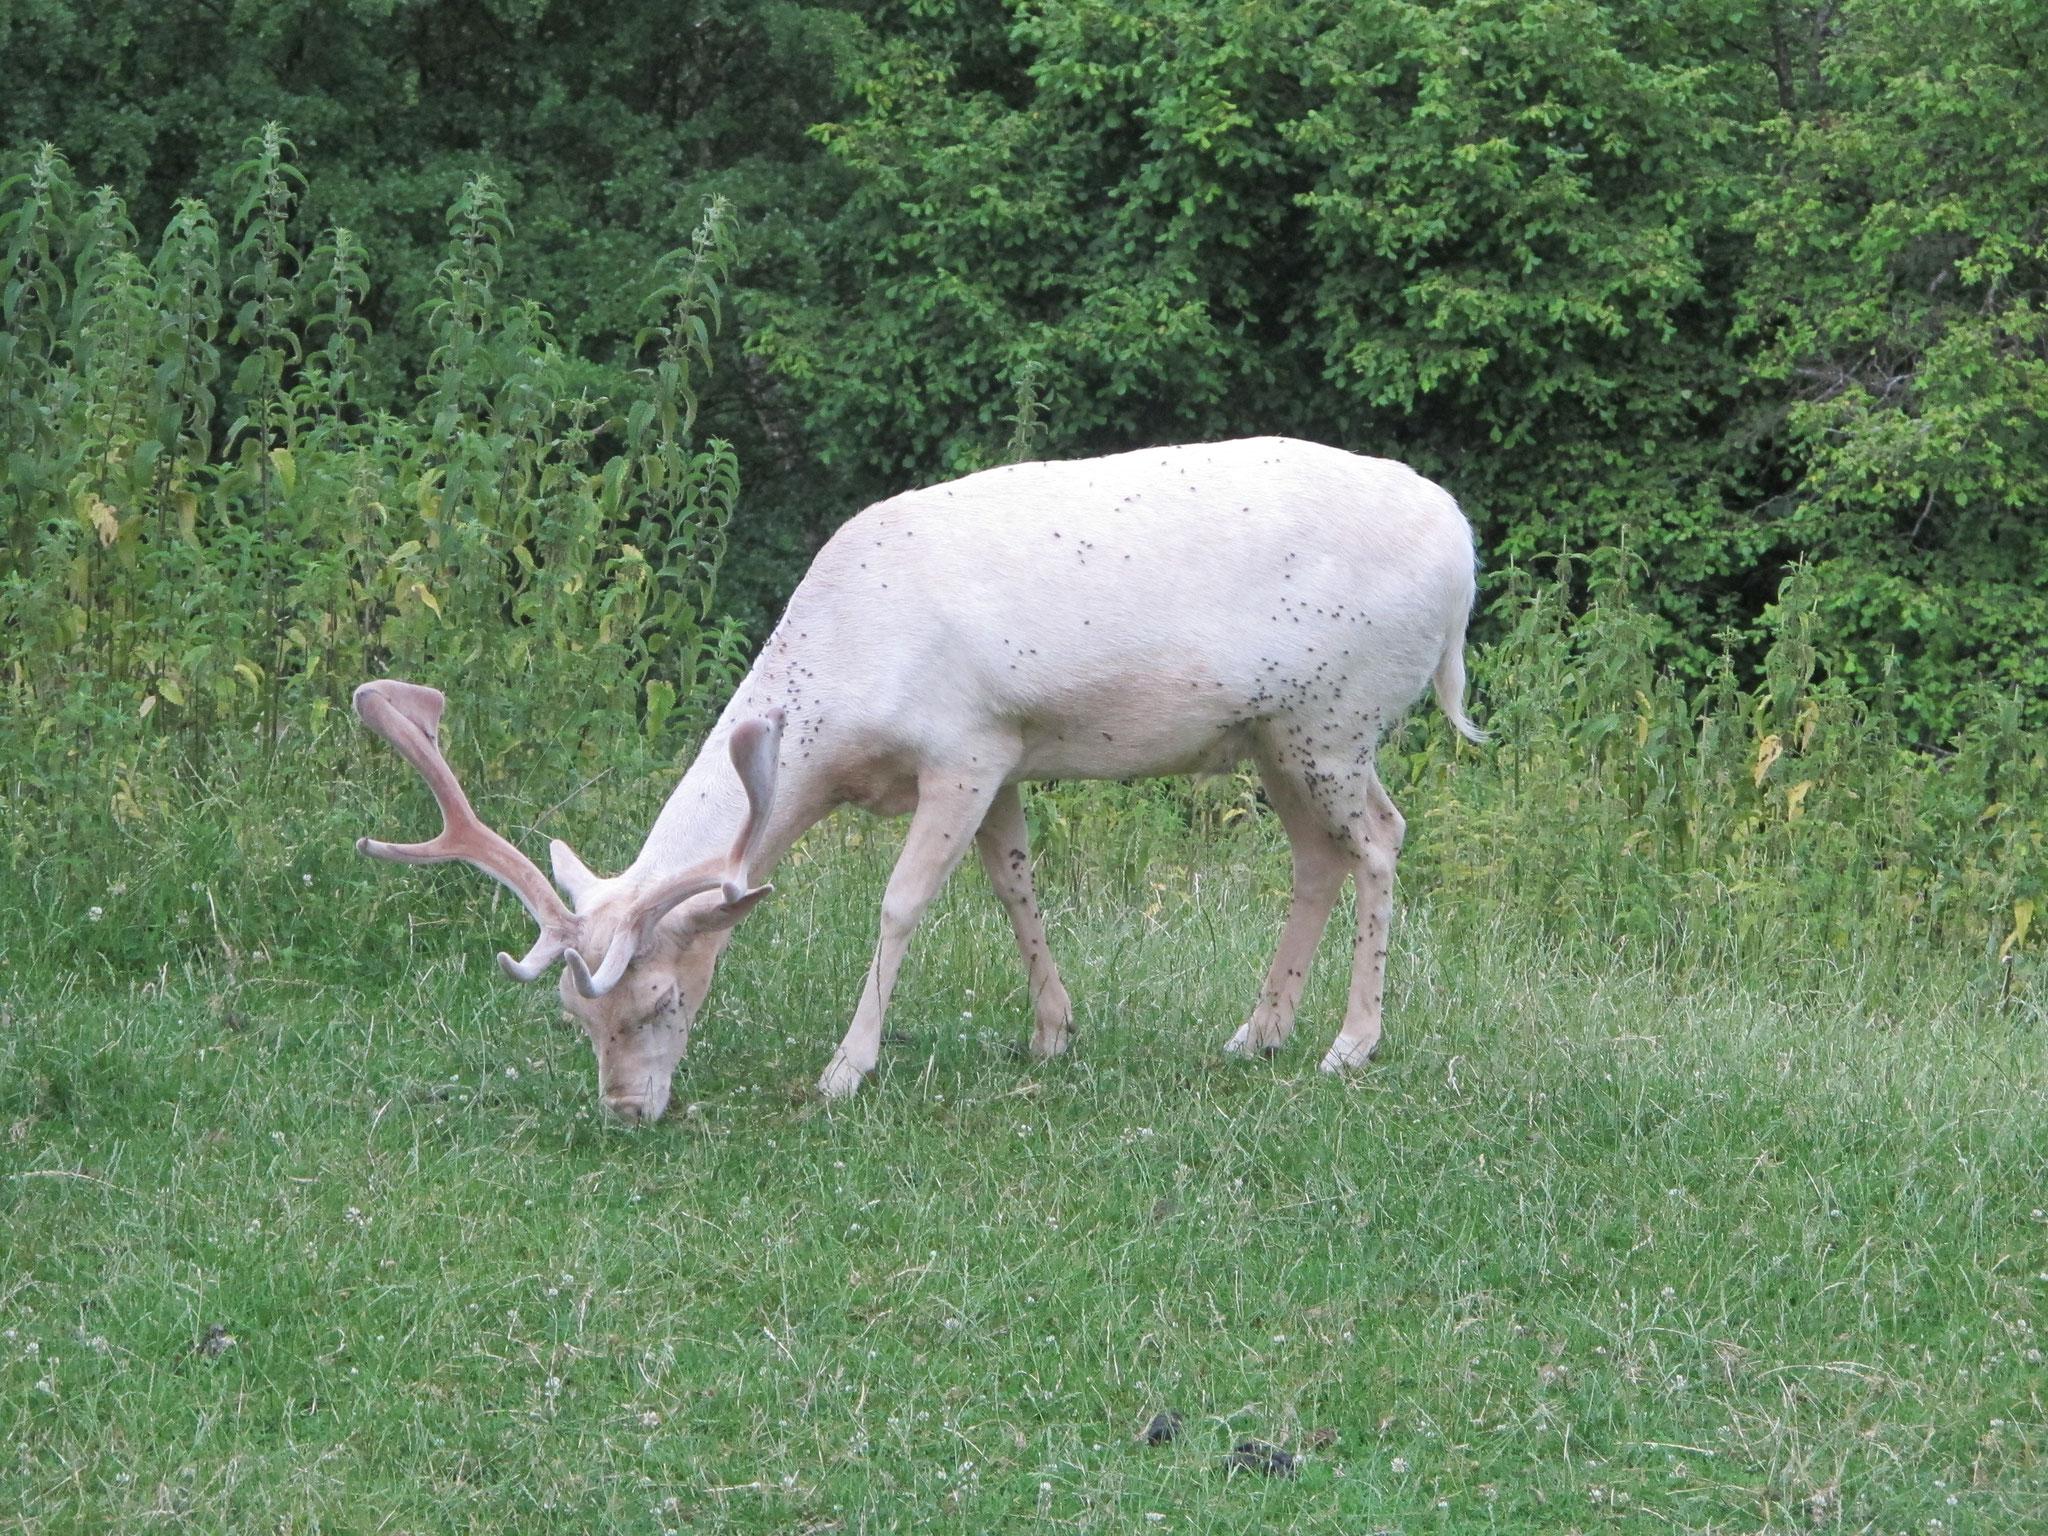 Dammhirsch - Albino, der weiße Hirsch aus dem Märchen der Brüder Grimm